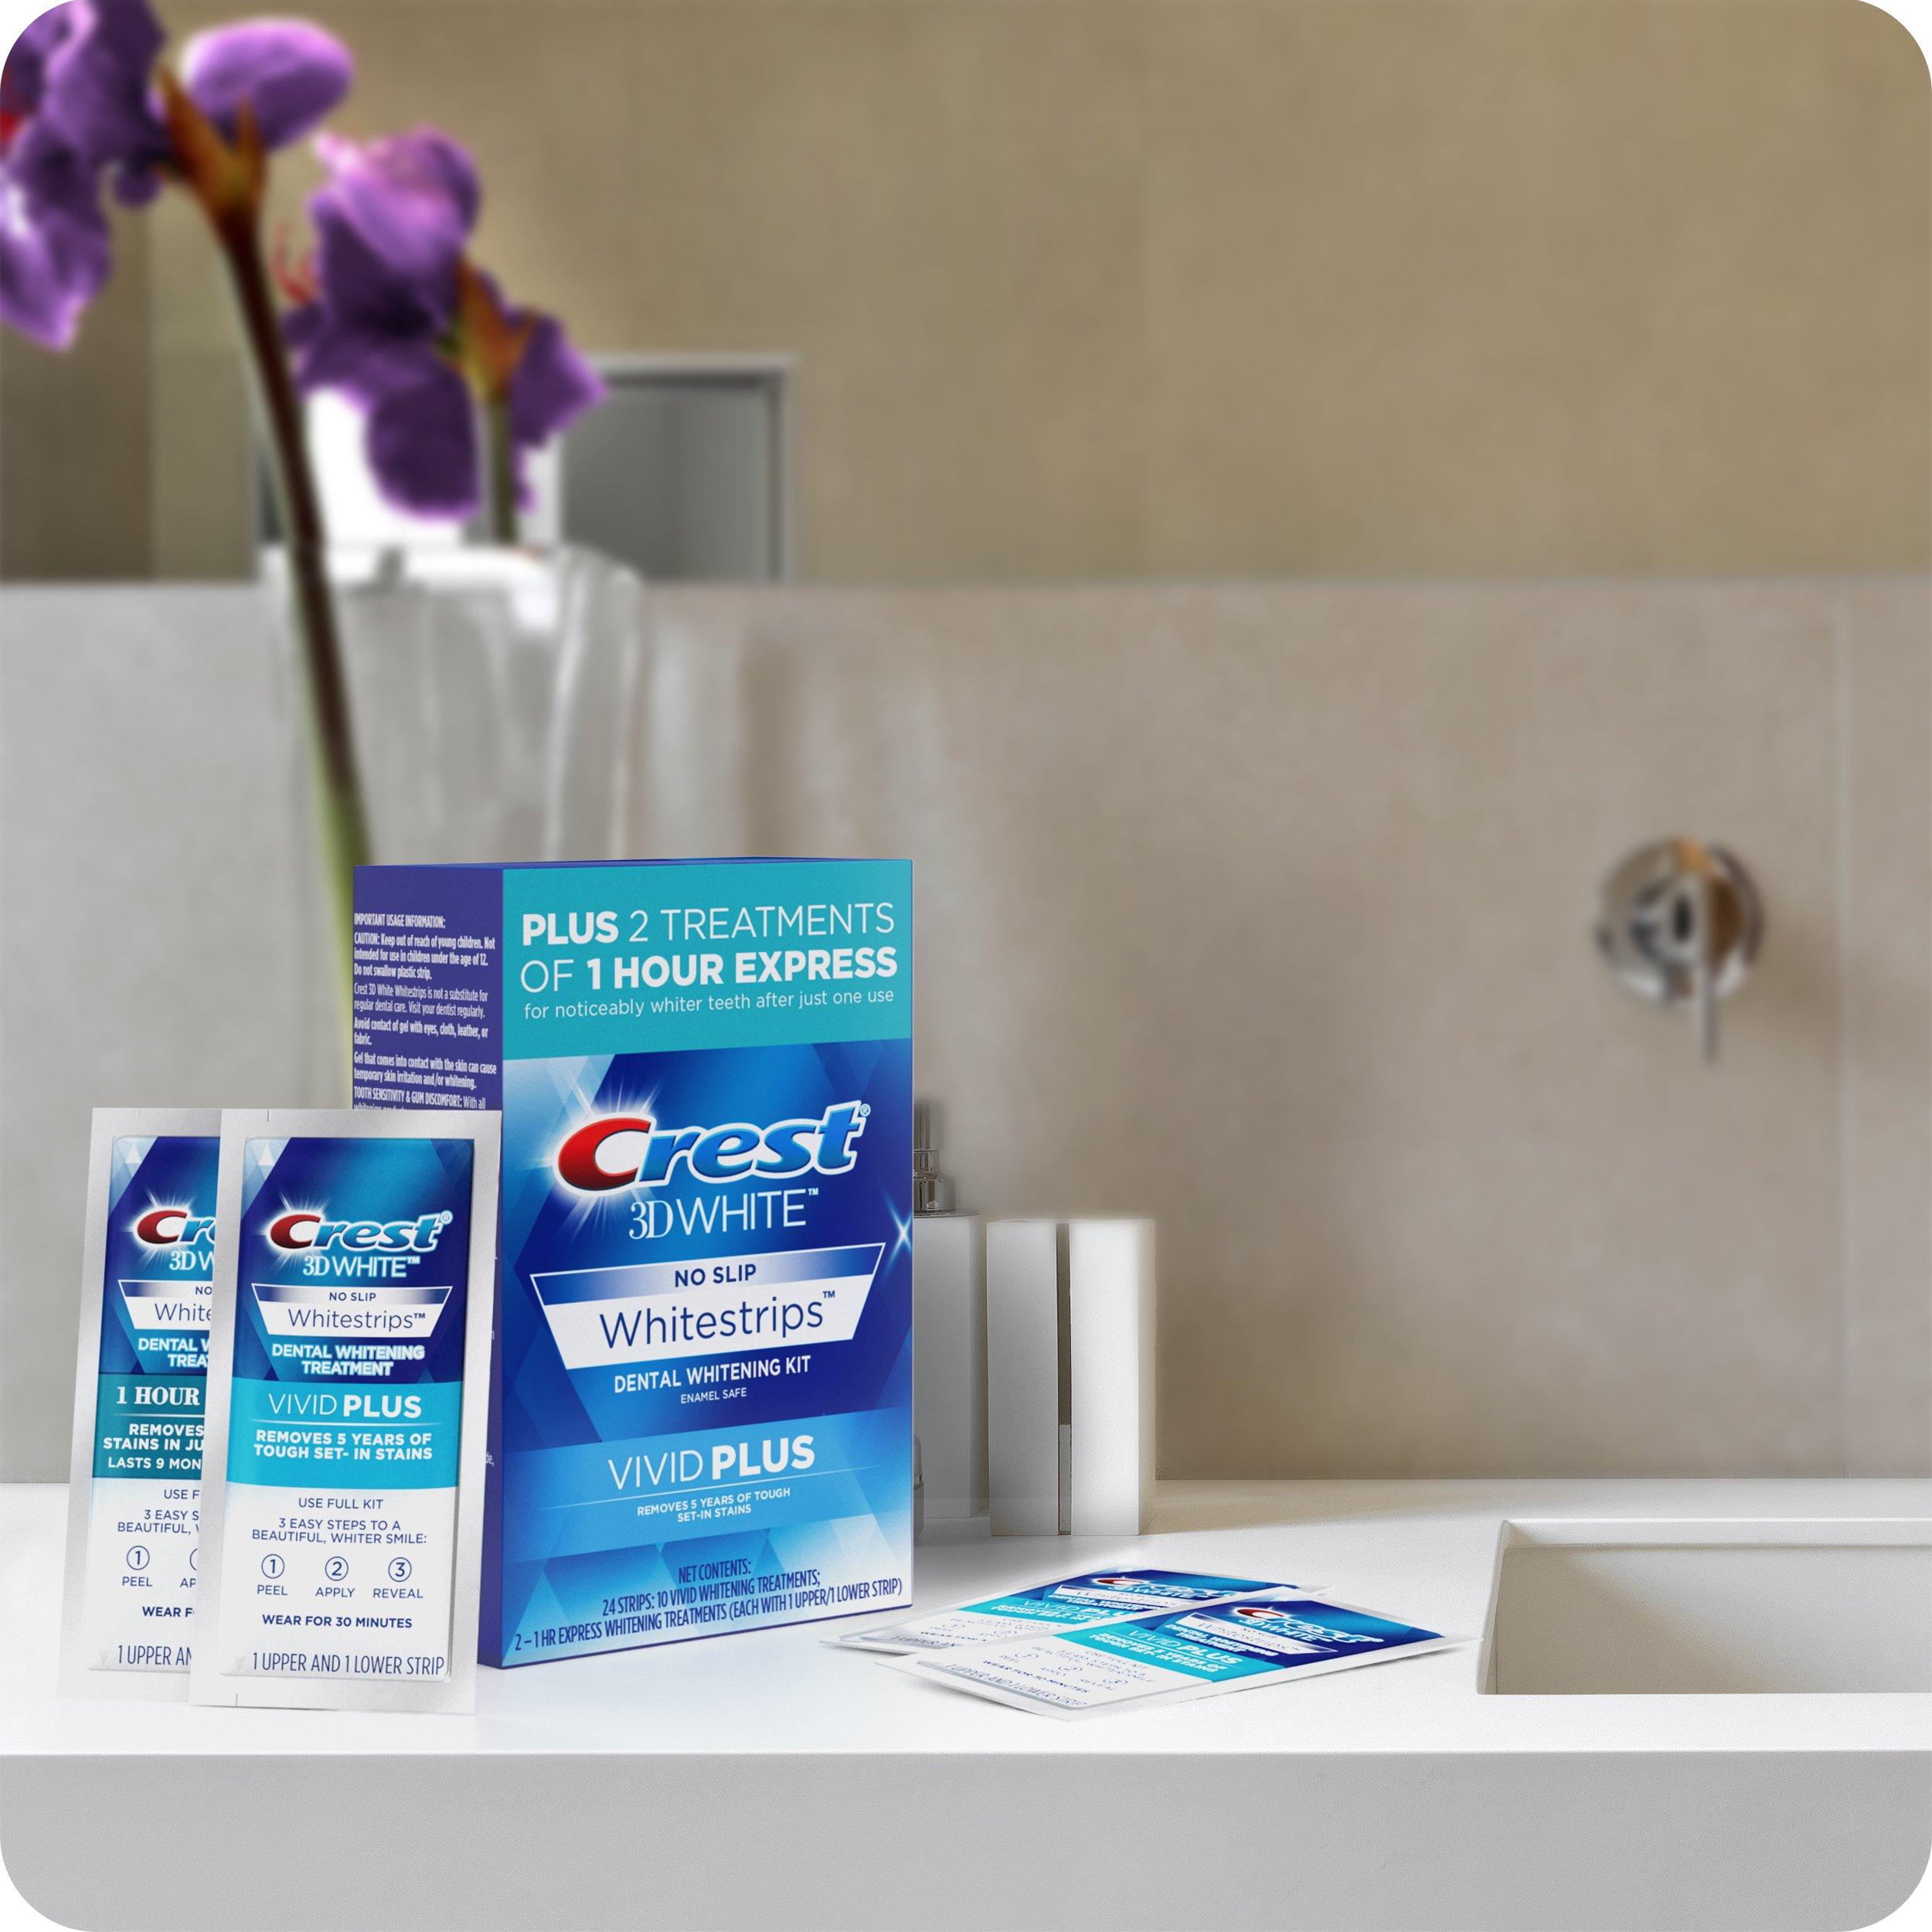 Crest 3D White Whitestrips Vivid Plus 12 Treatments – 10 Treatments Vivid Whitestrips + 2 Treatments 1 Hour Express Dental Teeth Whitening Kit by Crest (Image #4)